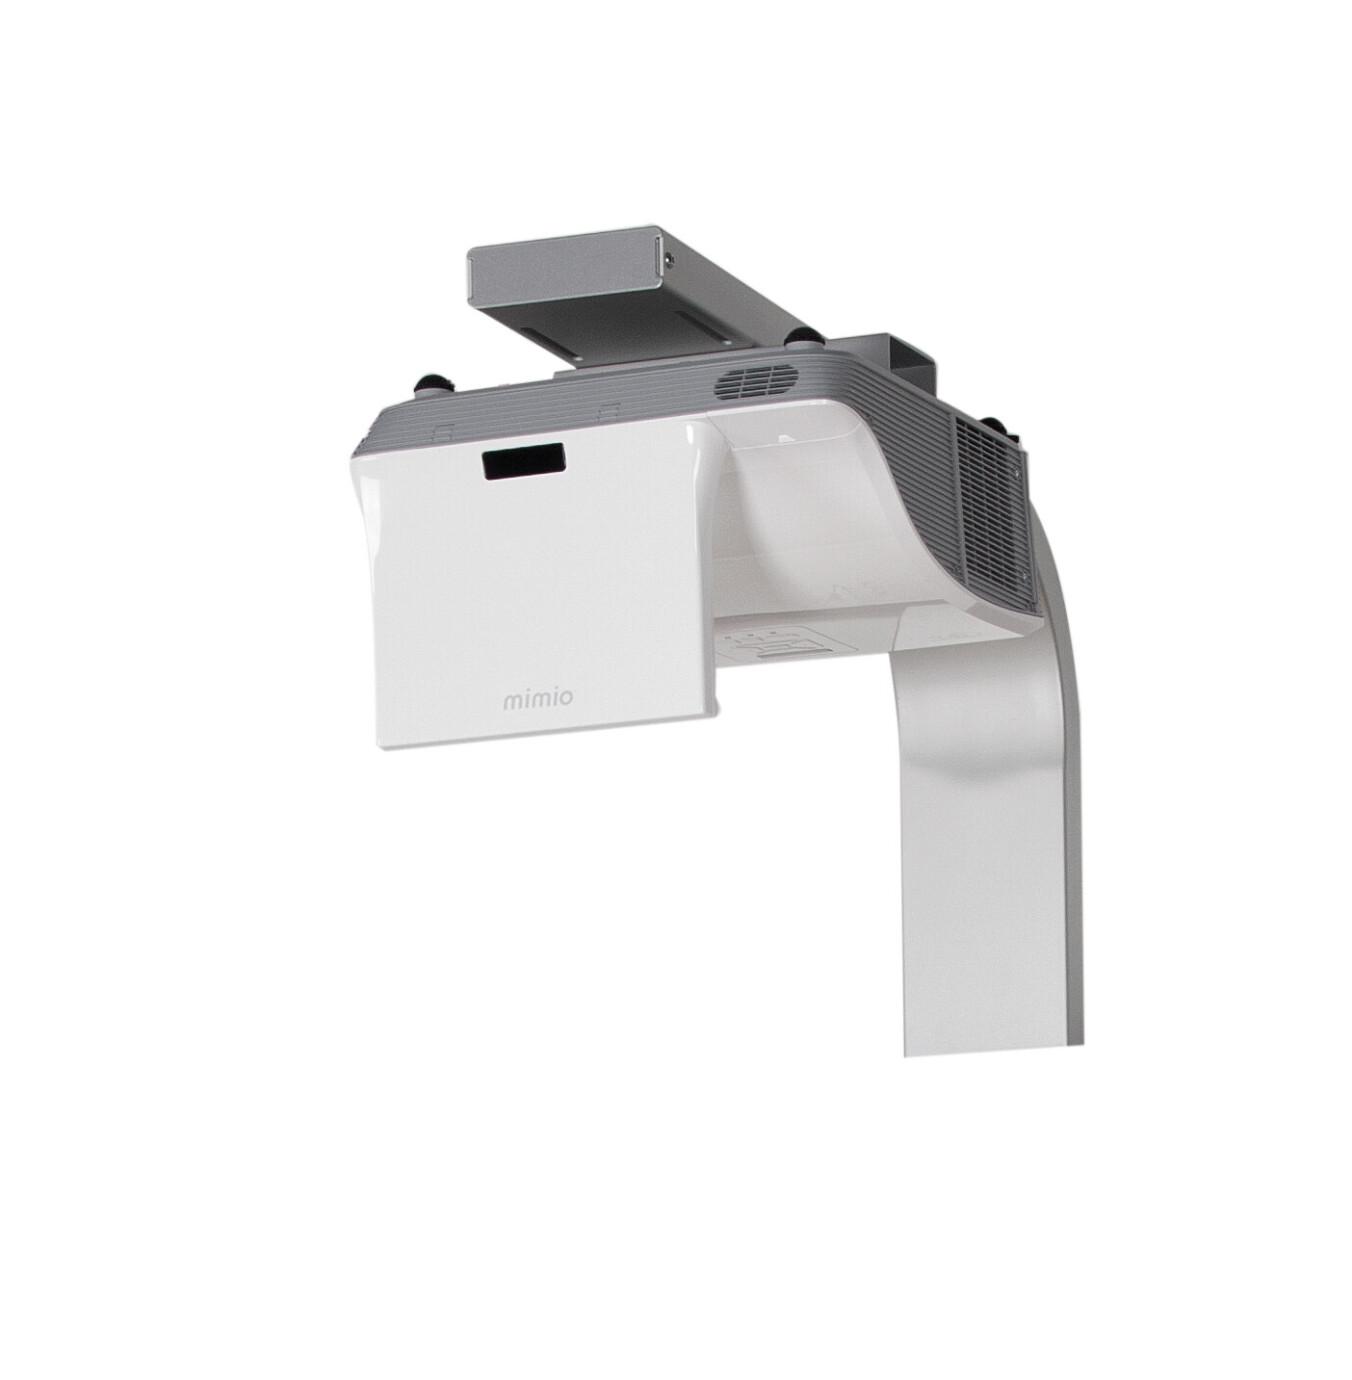 mimio Interaktiv Ultrakortdistansprojektor (med interaktiv penna)